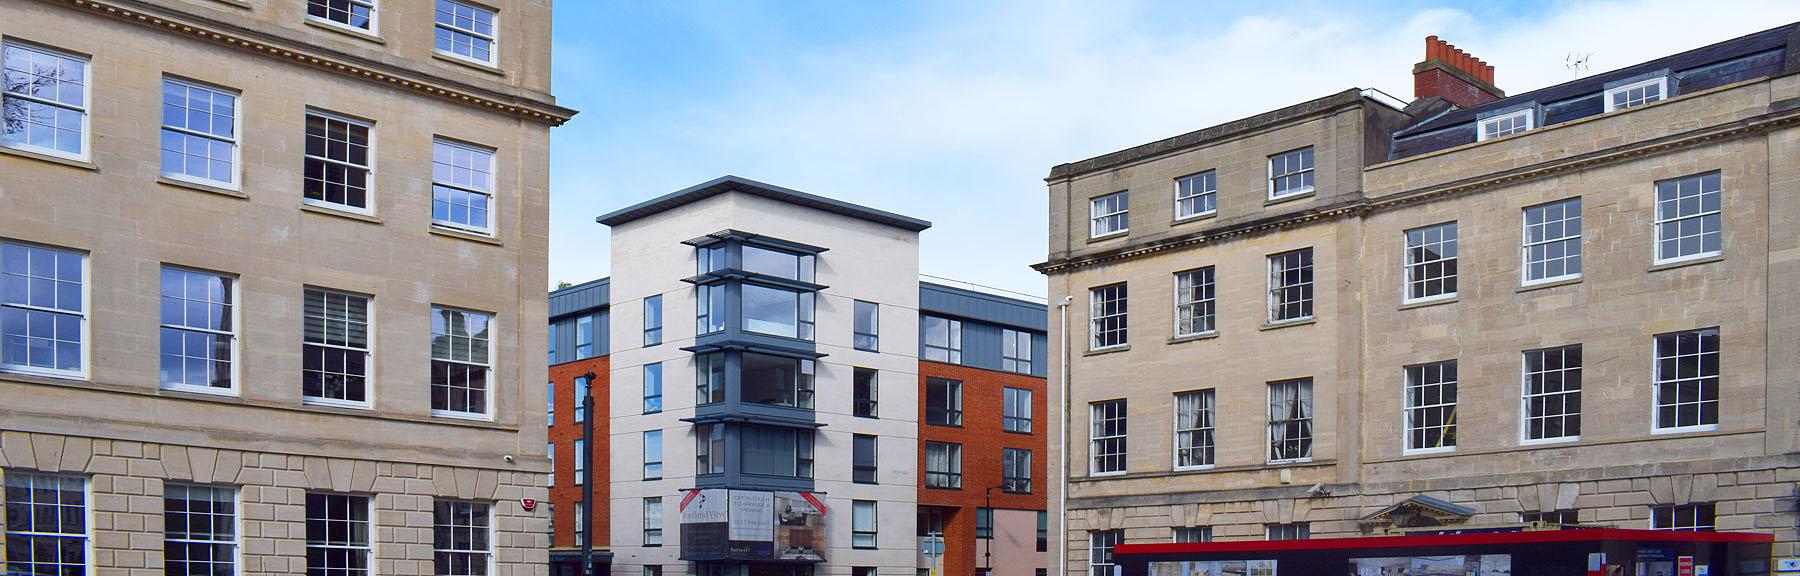 20 Portland Square, Bristol